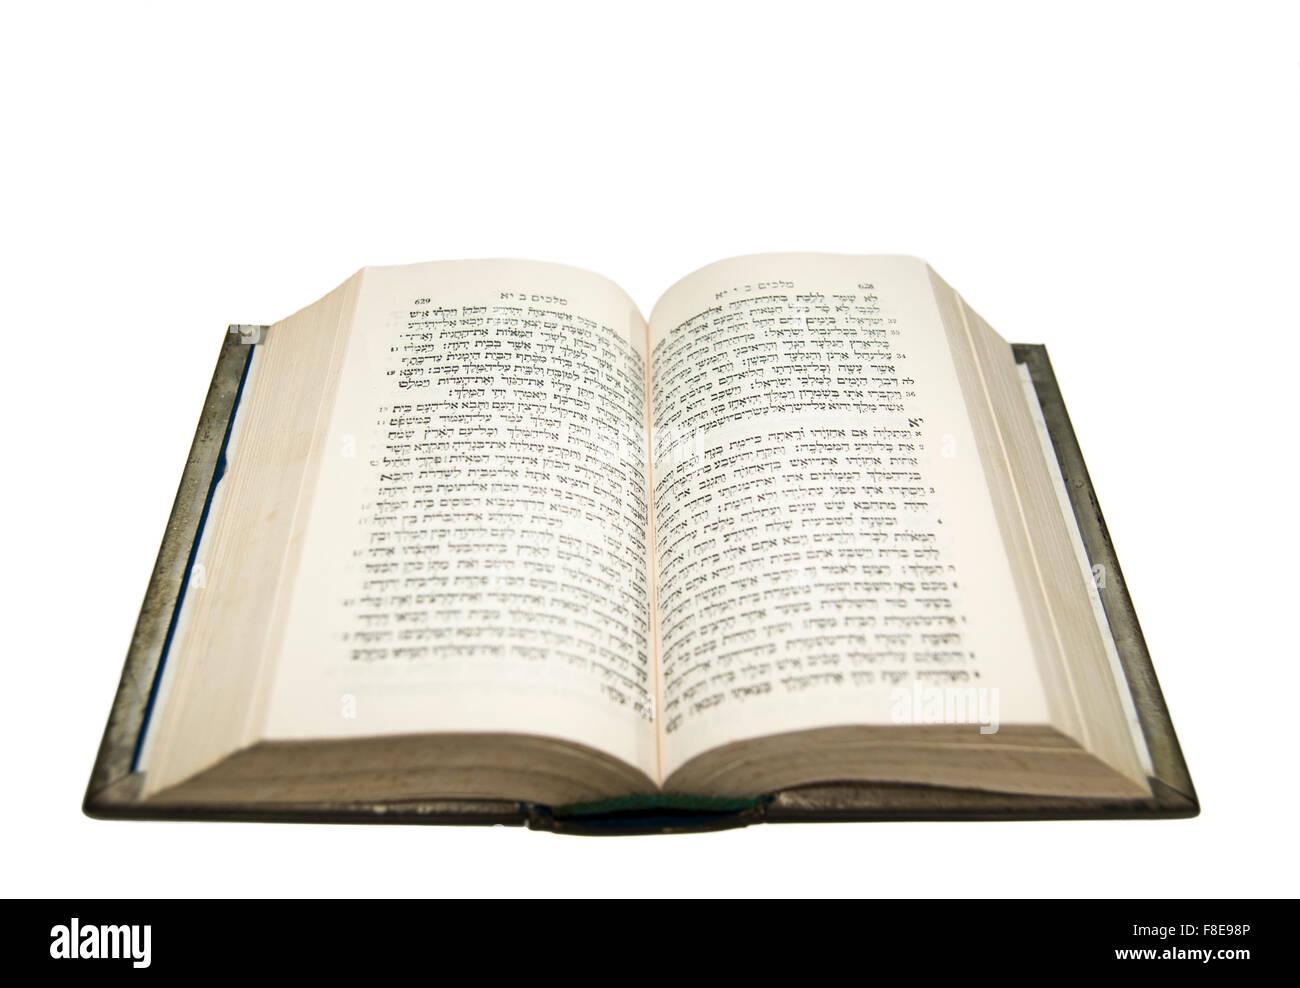 Biblia Abierta Con El Texto Hebreo Original Foto Imagen De Stock